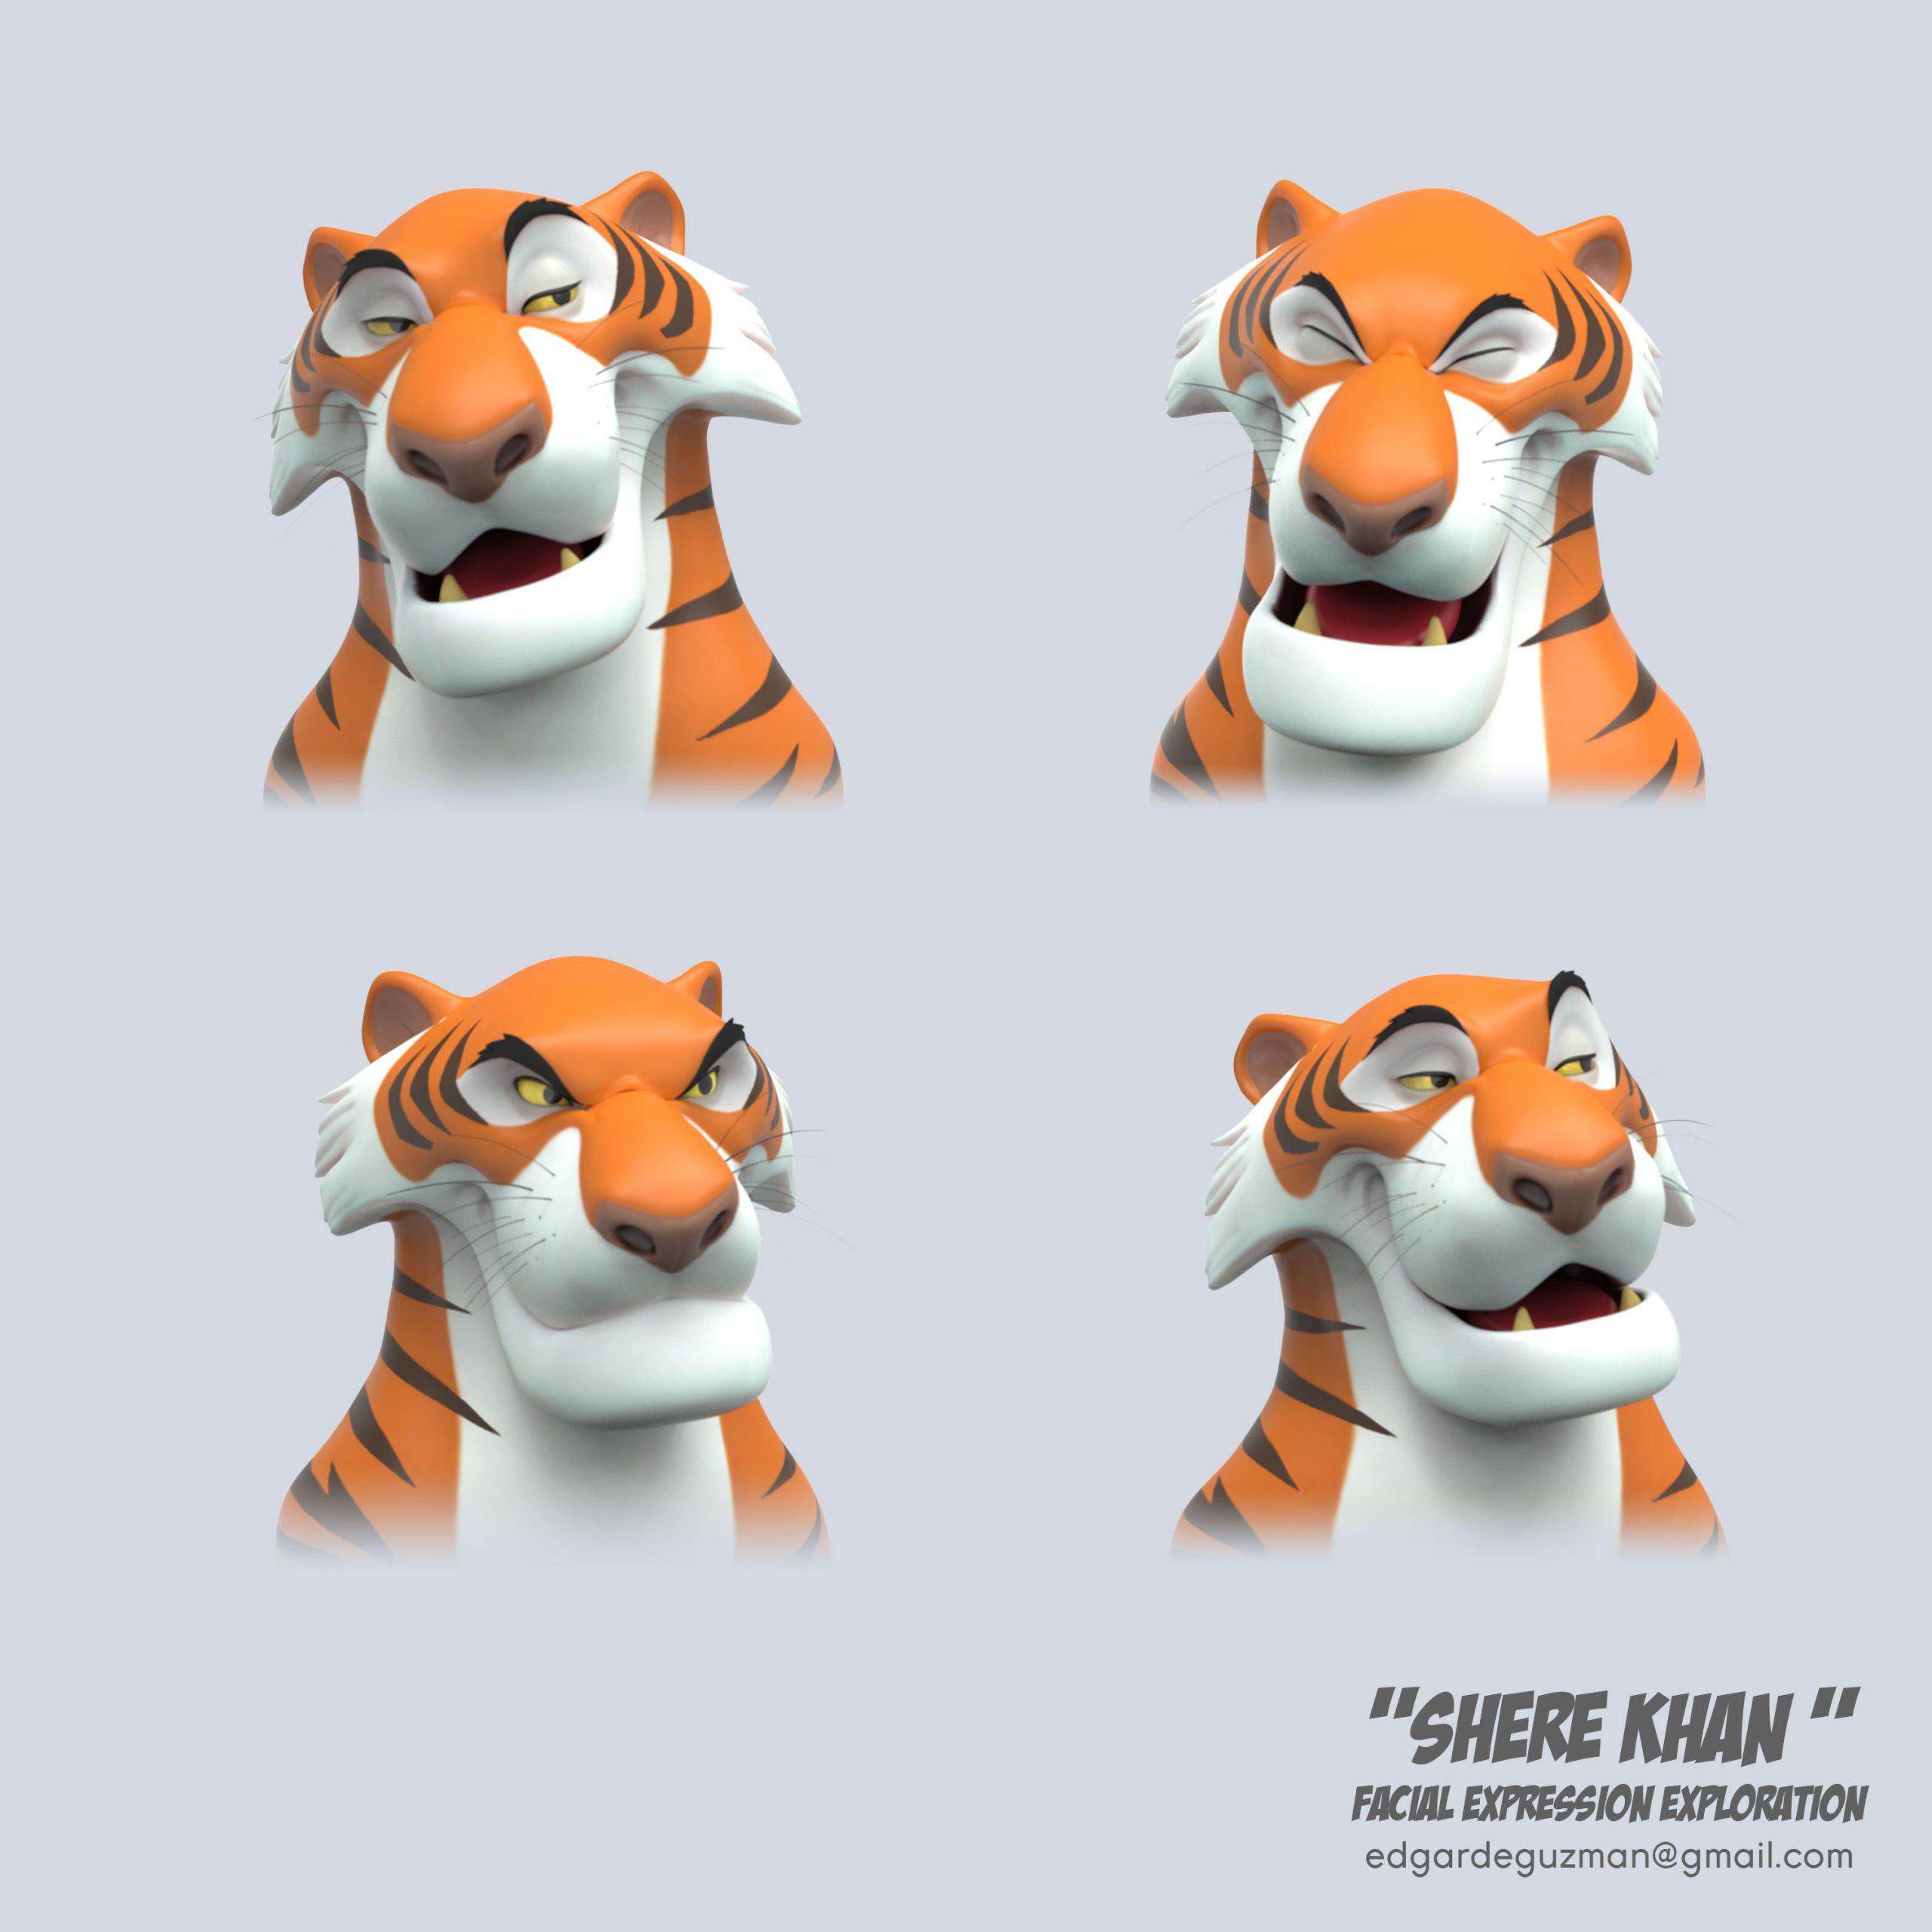 Shere-Khan